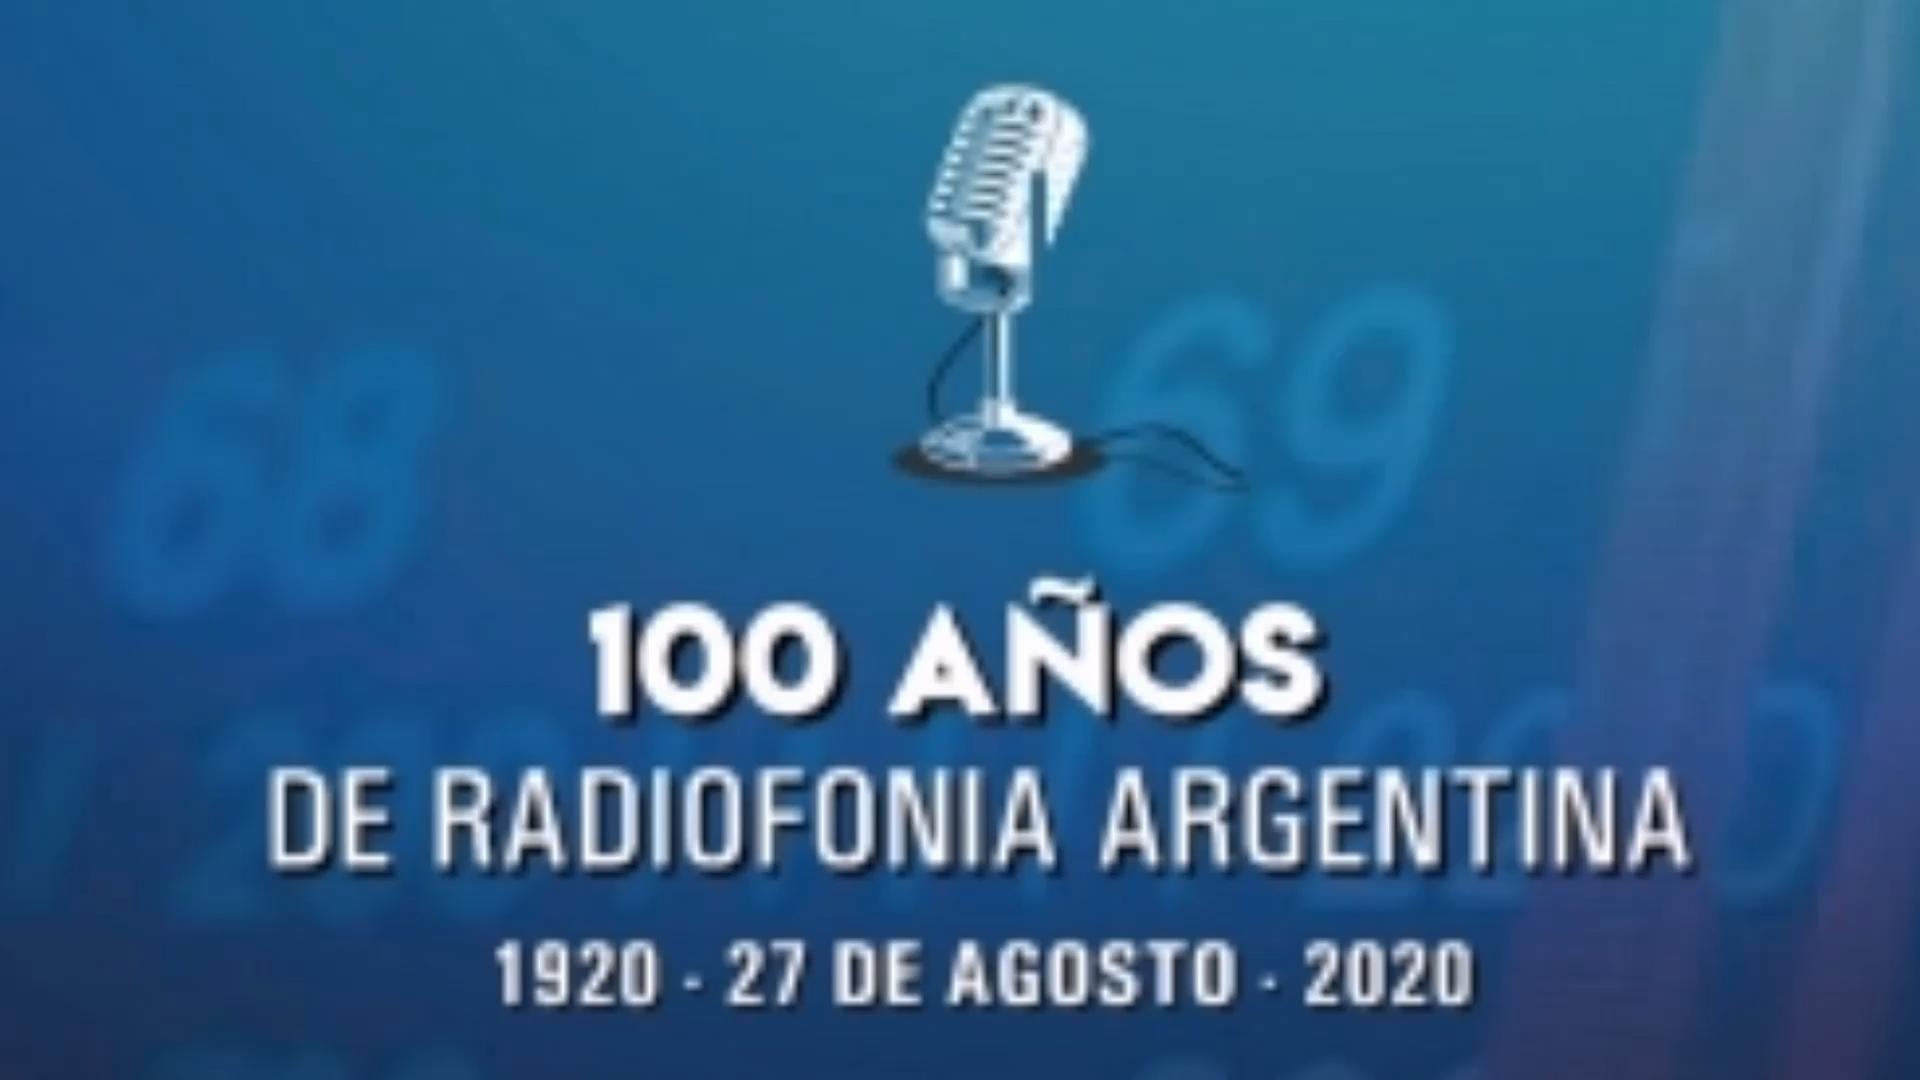 Los integrantes de YO SOY SALUDABLE 3.0 (RADIO) Saluda por los 100 años de RADIOFONIA ARGENTINA